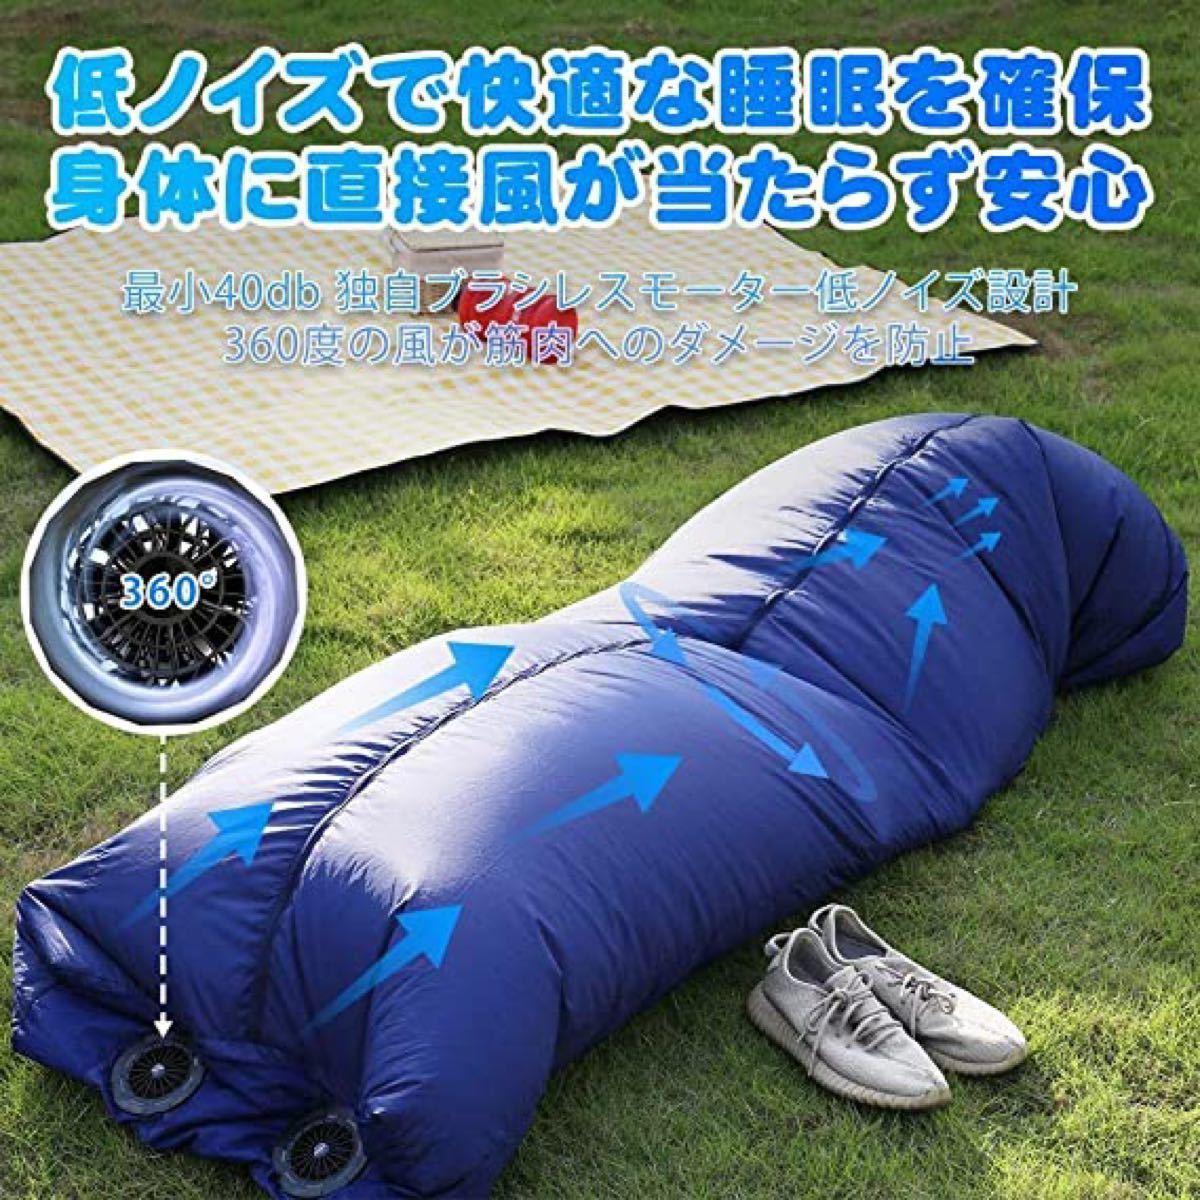 空調寝袋 USB給電ファン付き アウトドア 車中泊 キャンプ 登山扇風機付き寝袋 寝袋シュラフ 軽量 封筒型シュラフ 災害時